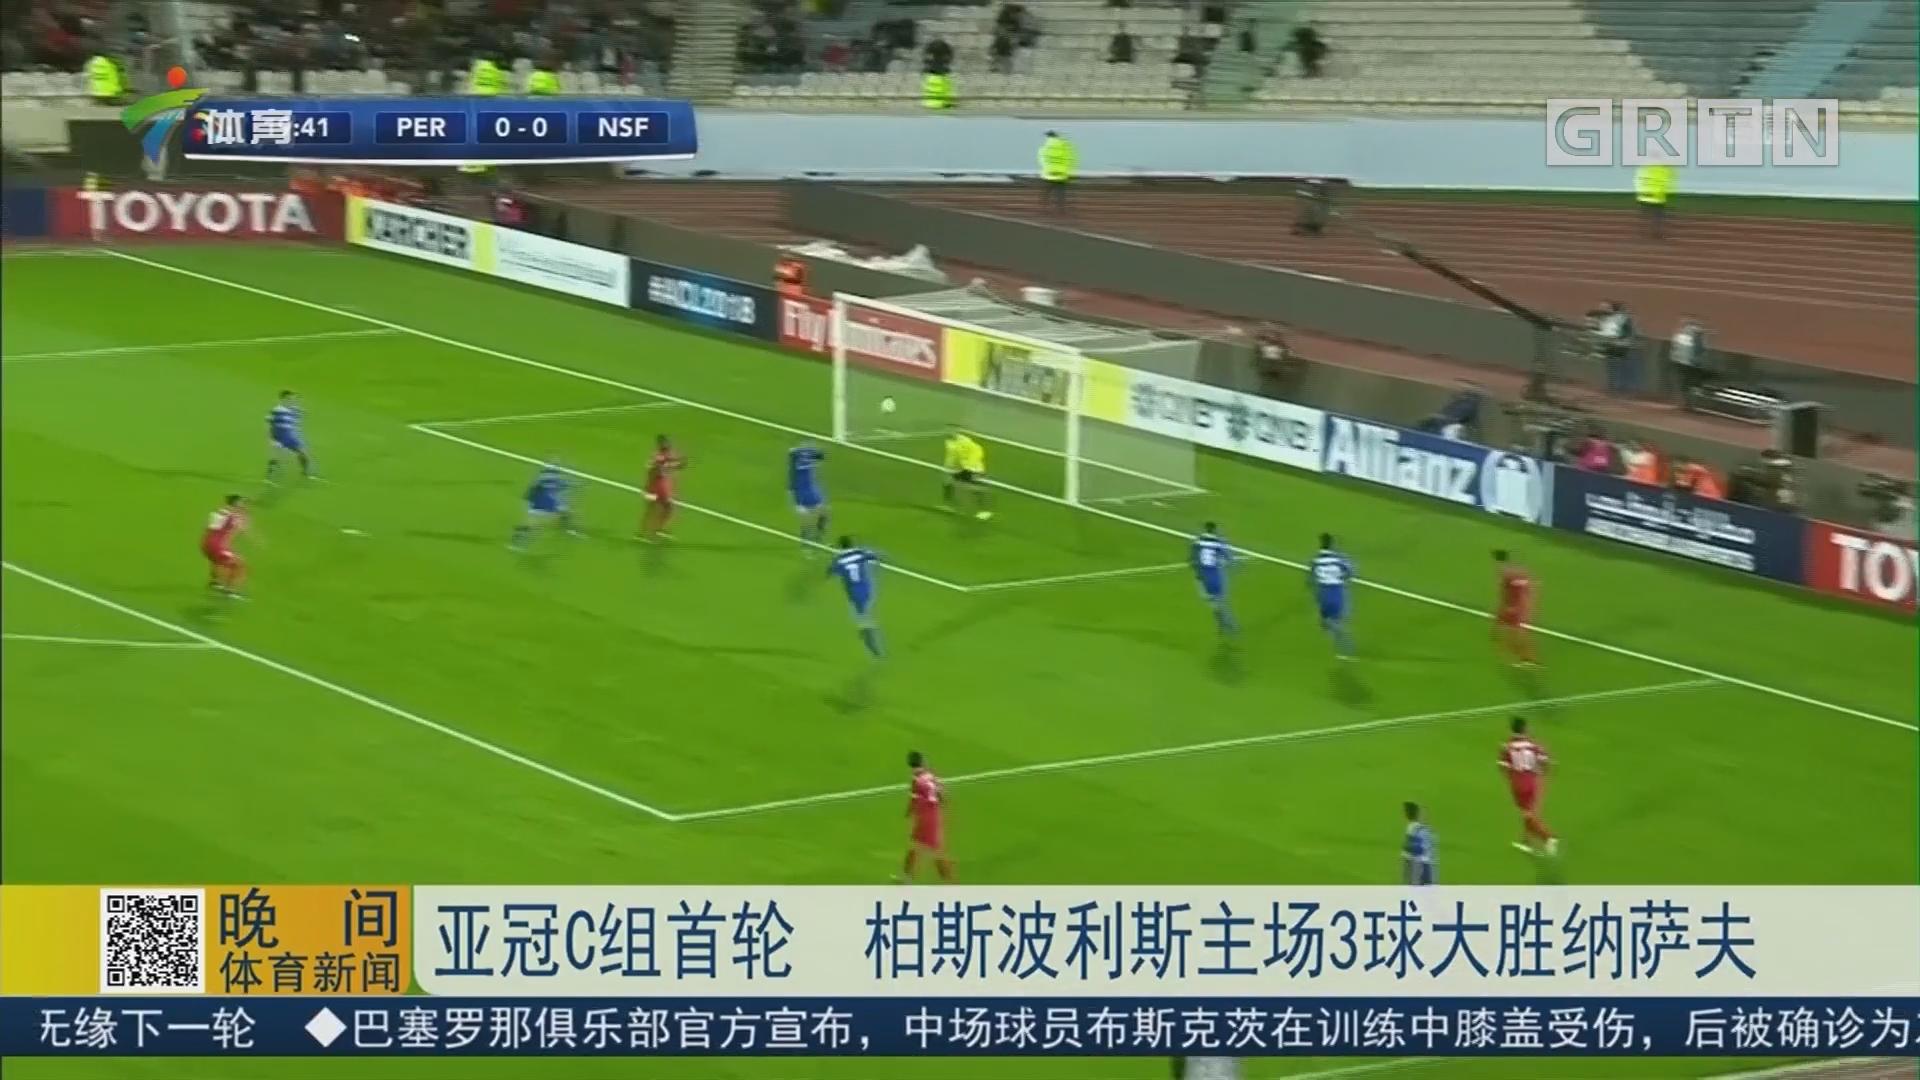 亚冠C组首轮 柏斯波利斯主场3球大胜纳萨夫